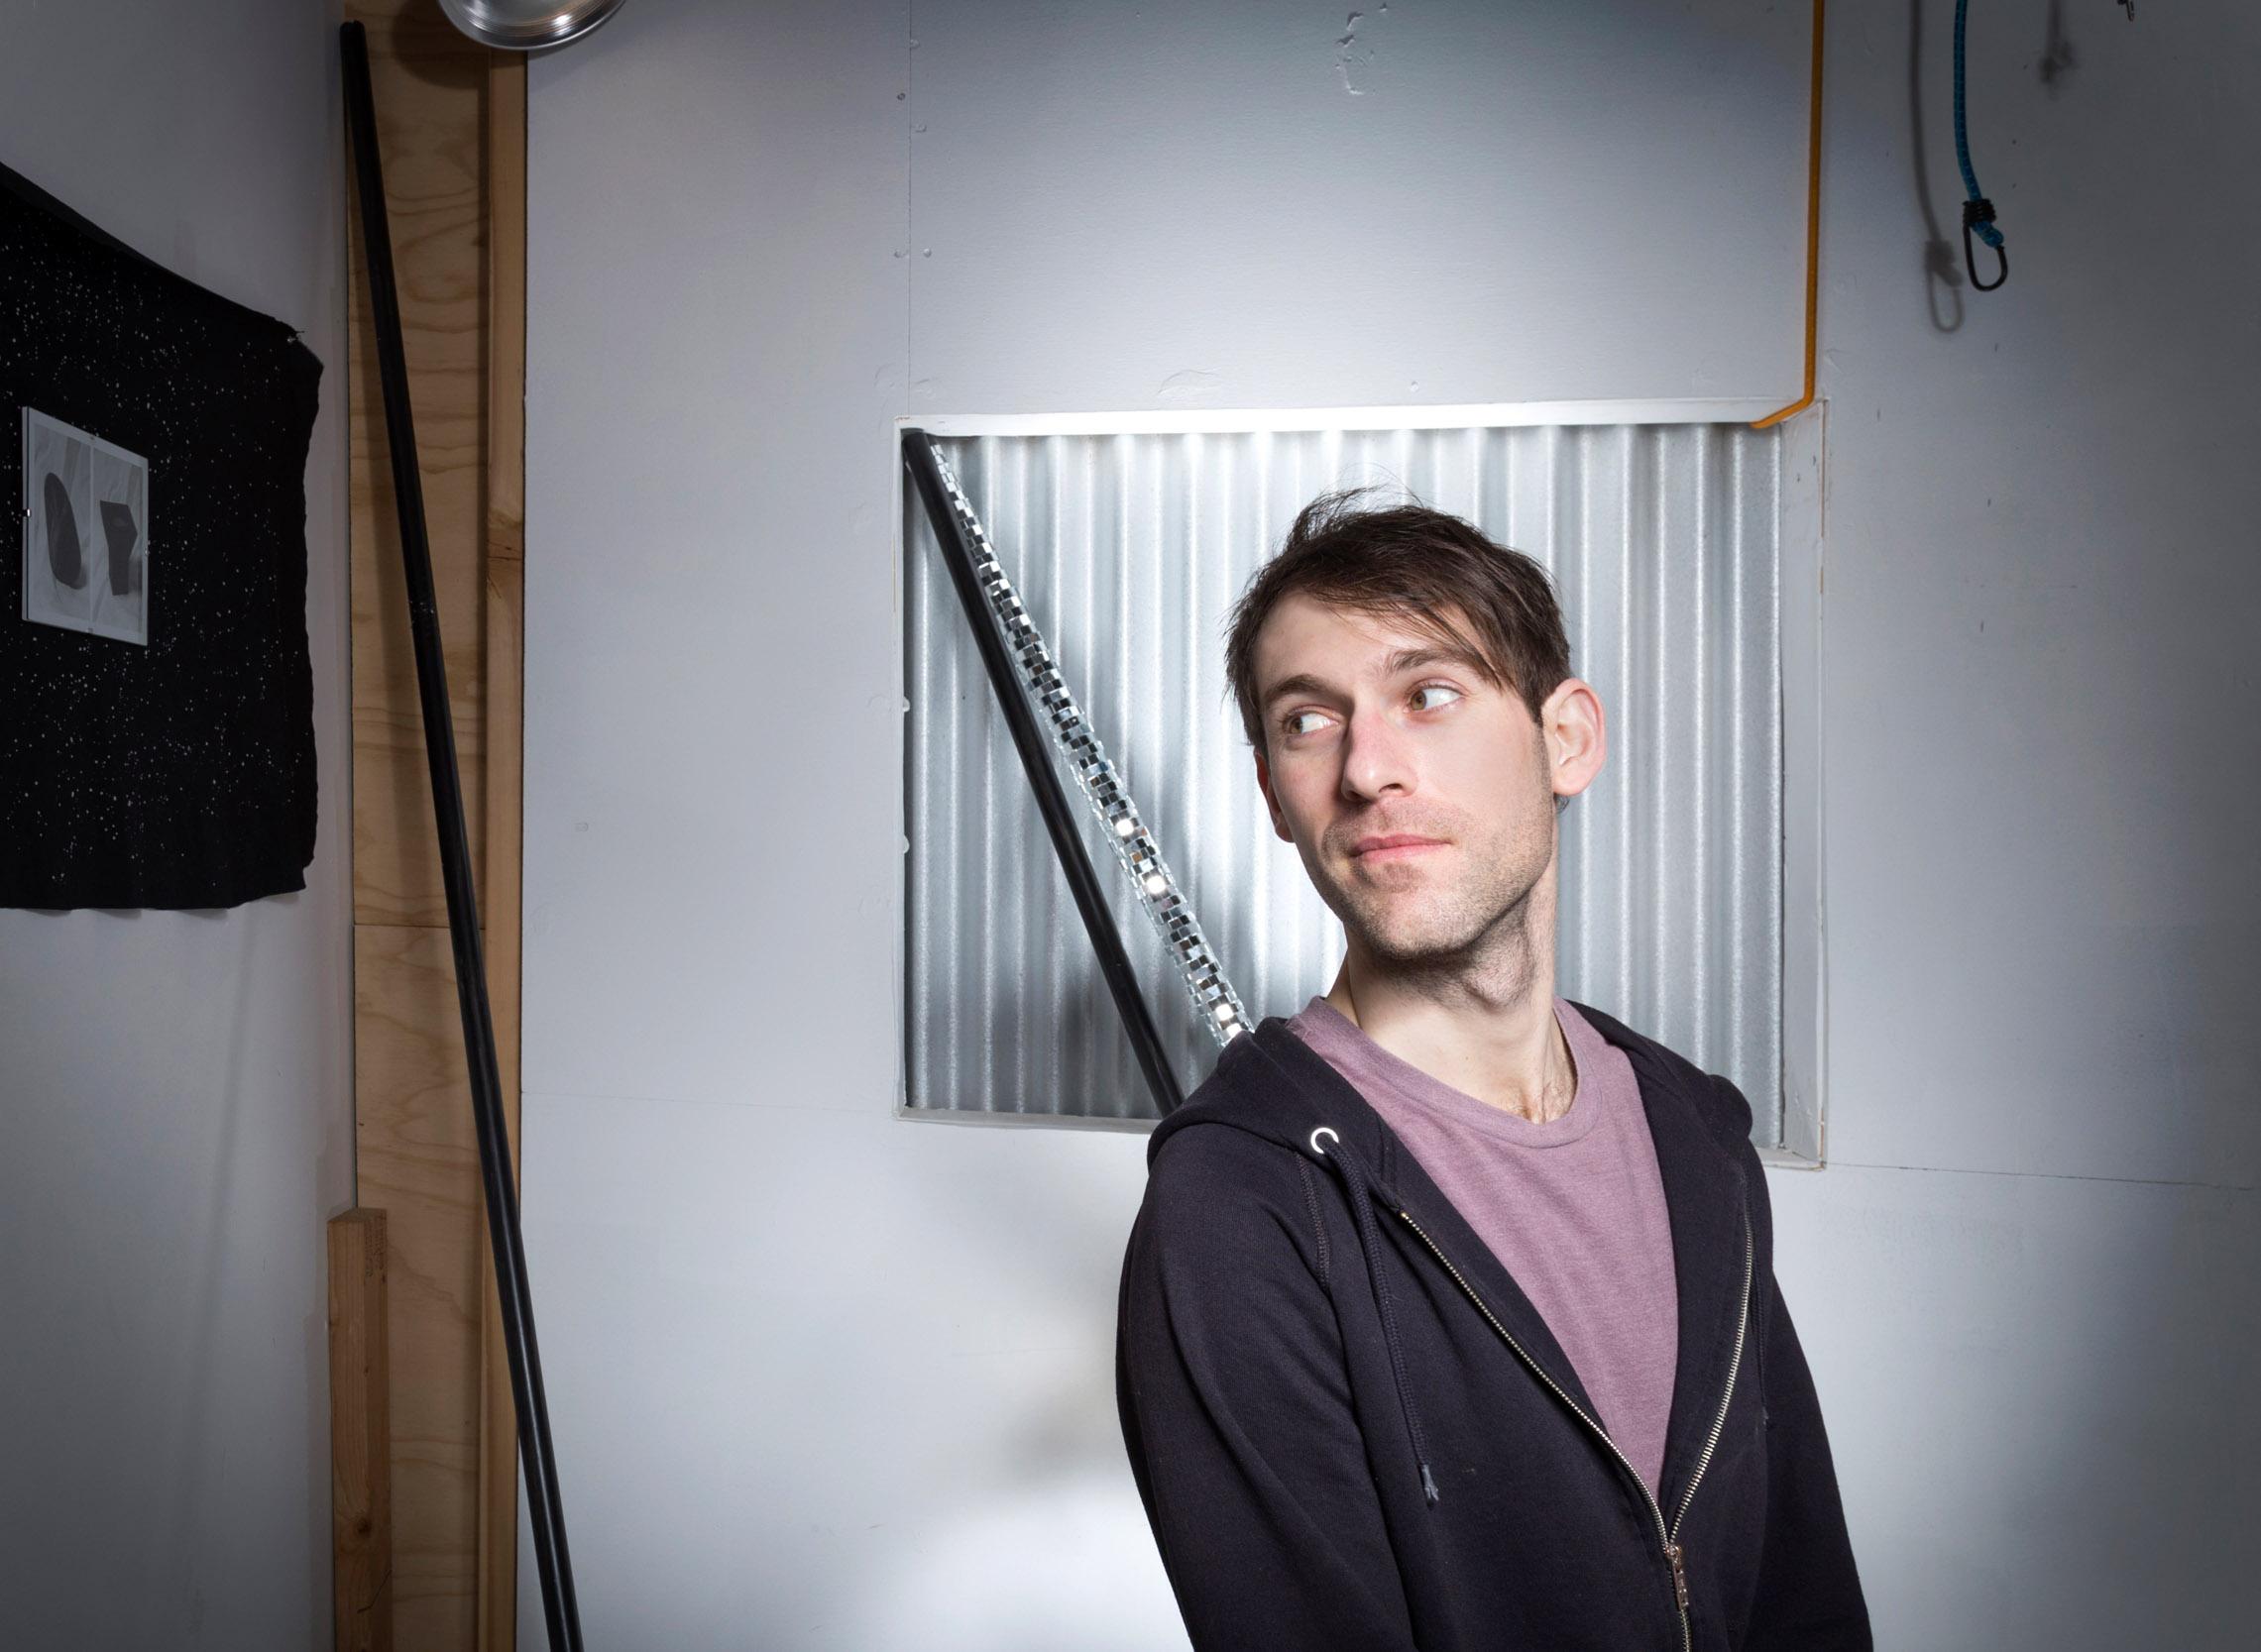 KEENAN BENNETT - Artist-in-Residence